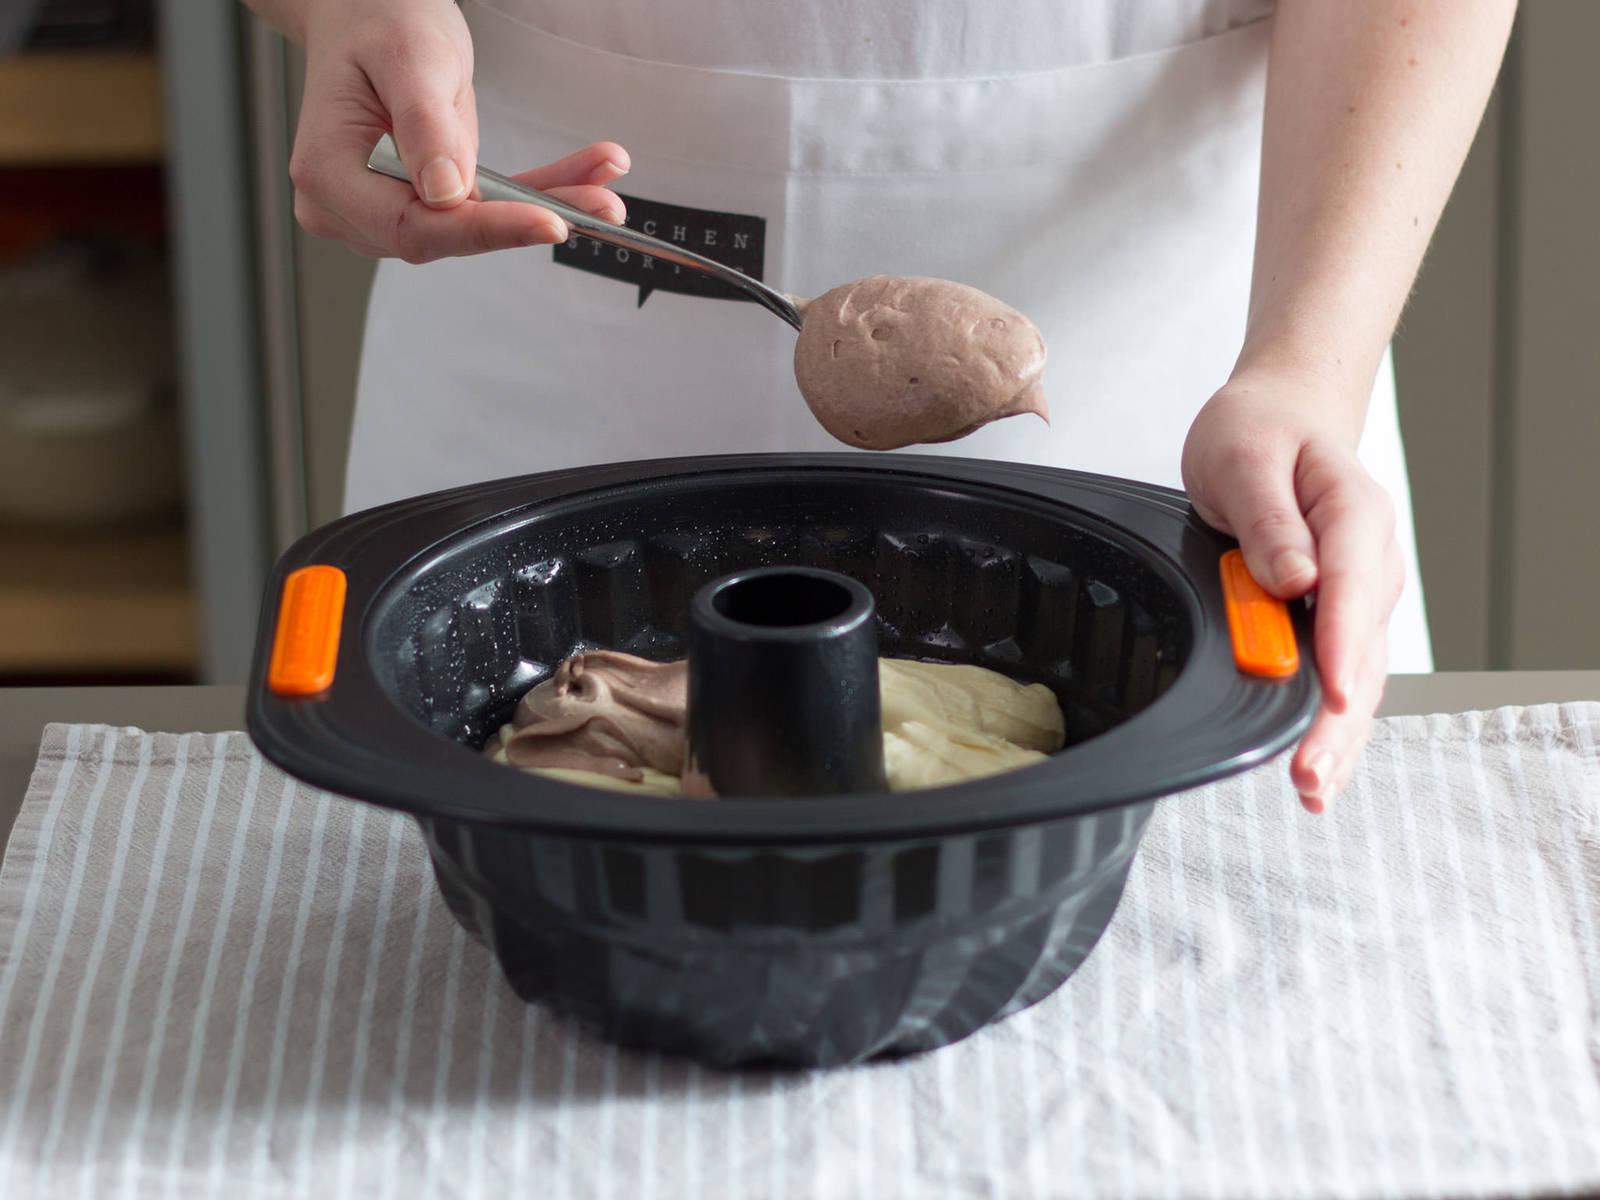 Gugelhupfform einfetten und mit Mehl bestäuben. Abwechselnd hellen und dunklen Teig in die Form geben. Im vorgeheizten Backofen bei 180°C ca. 50 – 60 Min. backen. Aus dem Backofen nehmen und in der Form ca. 15 – 20 Min. abkühlen lassen. Danach auf ein Kuchengitter stürzen.